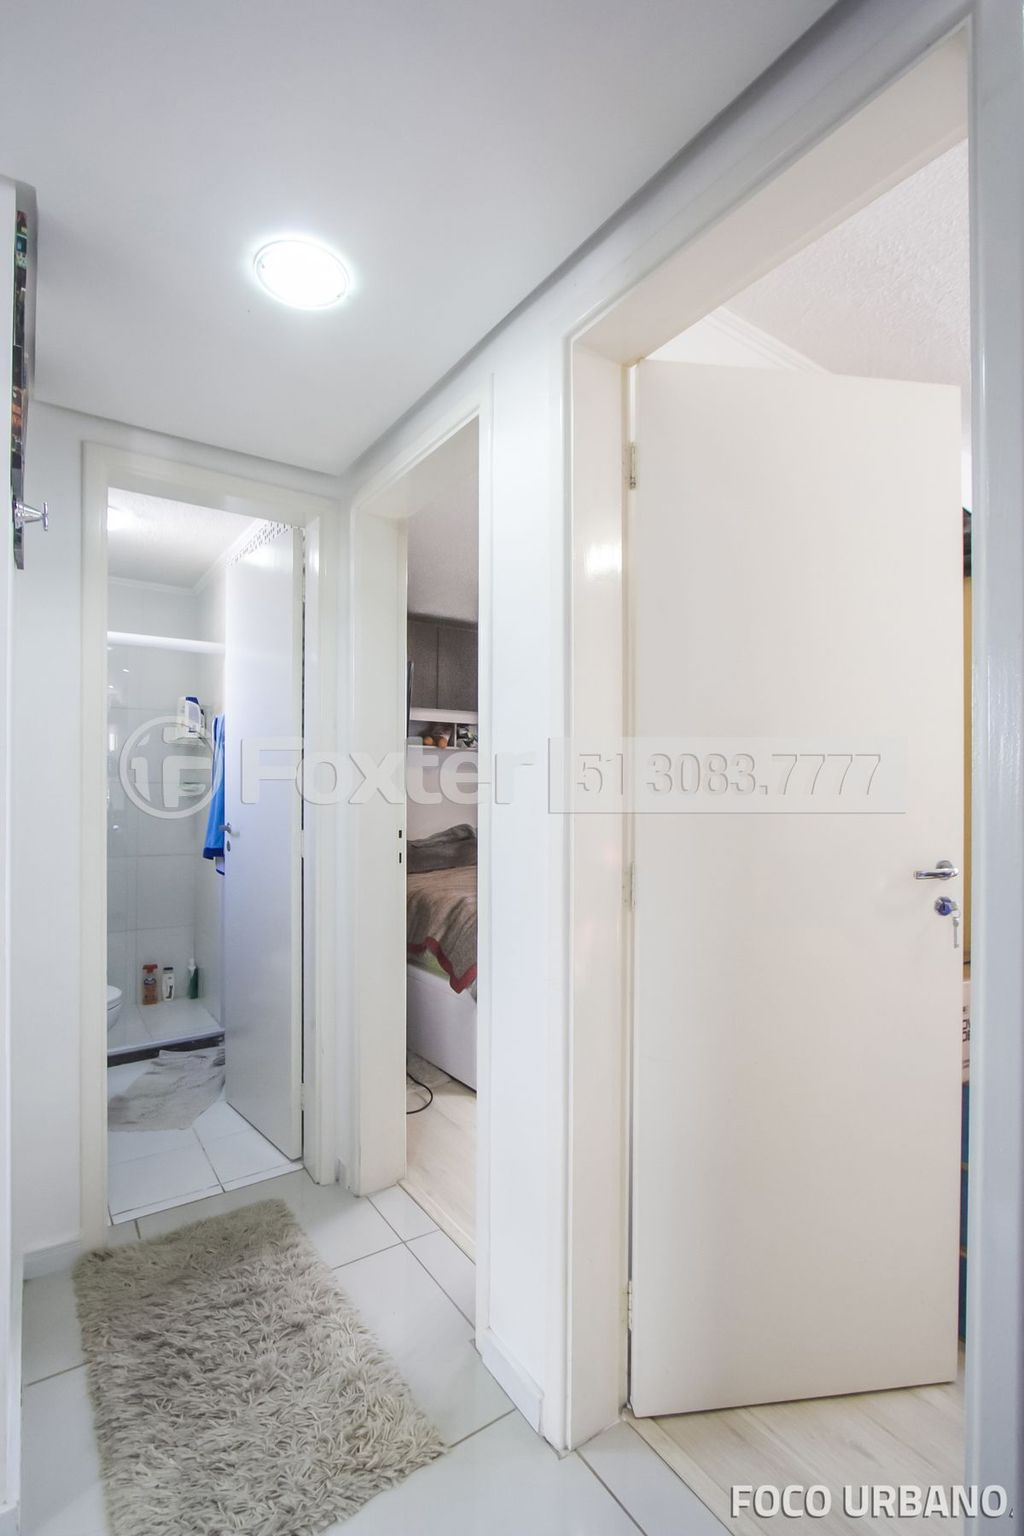 Foxter Imobiliária - Apto 2 Dorm, Protásio Alves - Foto 15